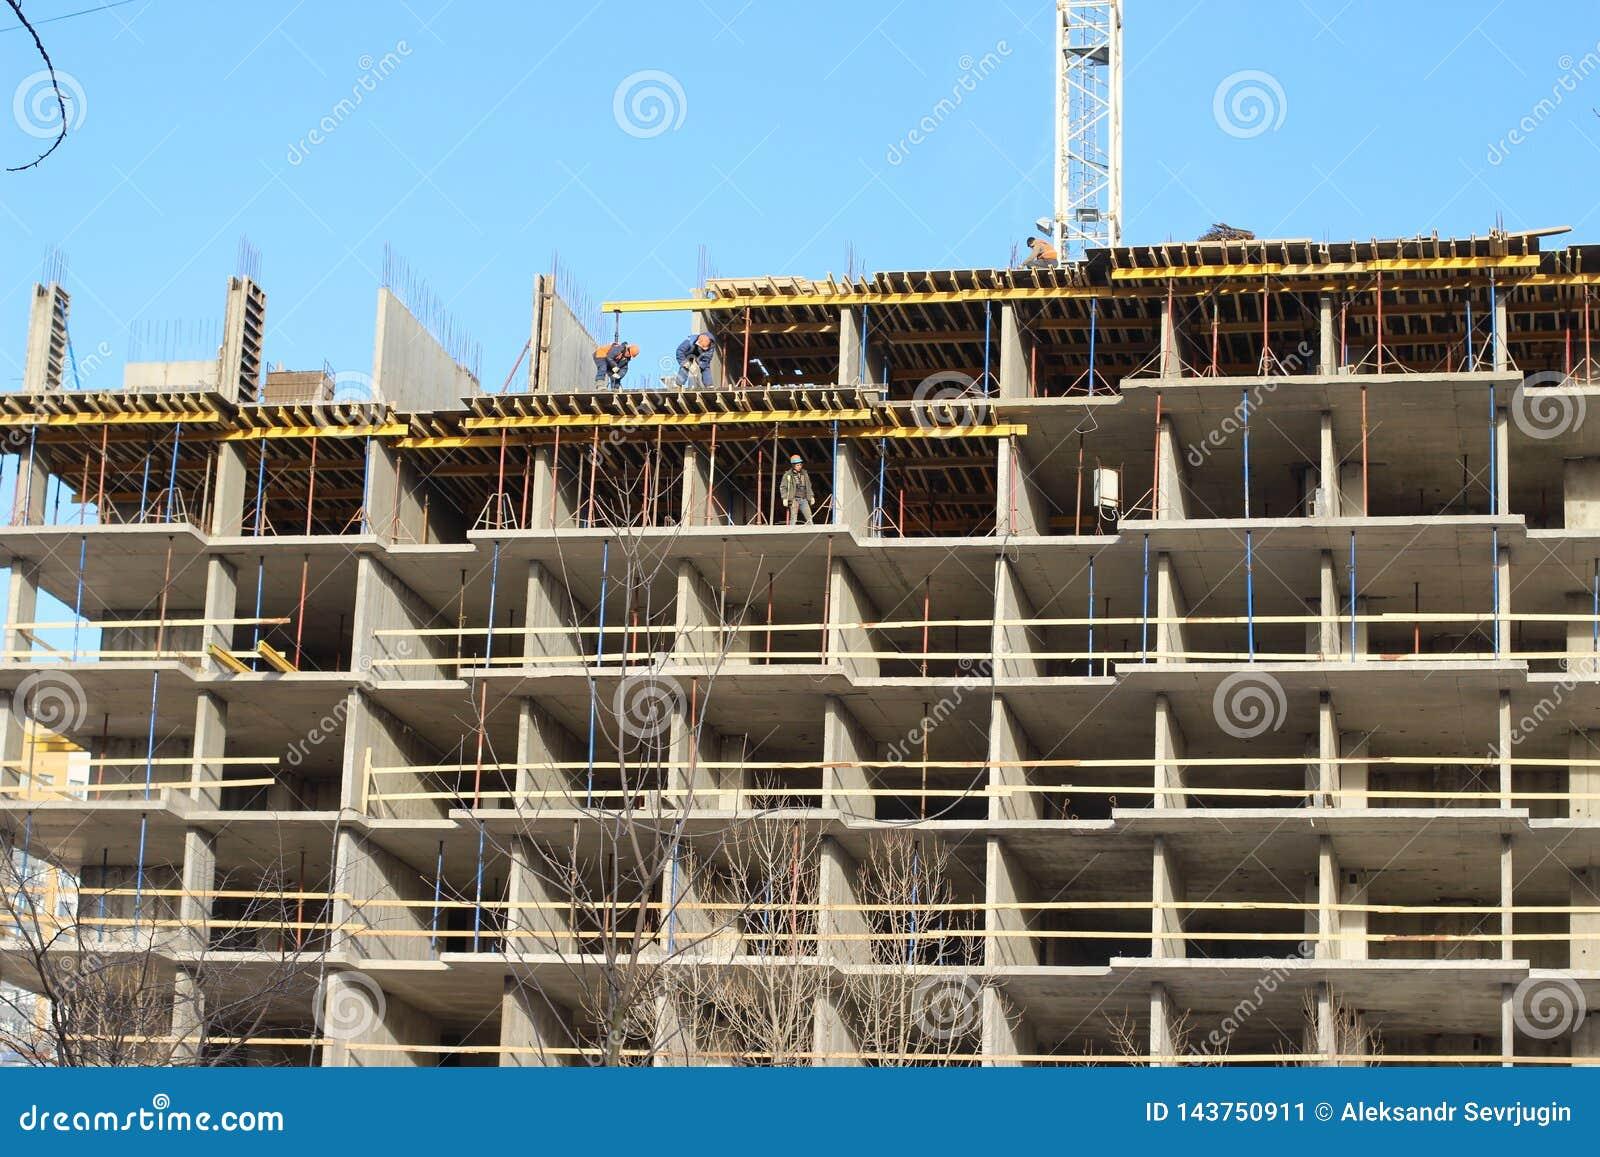 Viele Turm Baustelle mit Kränen und Gebäude mit Hintergrund des blauen Himmels